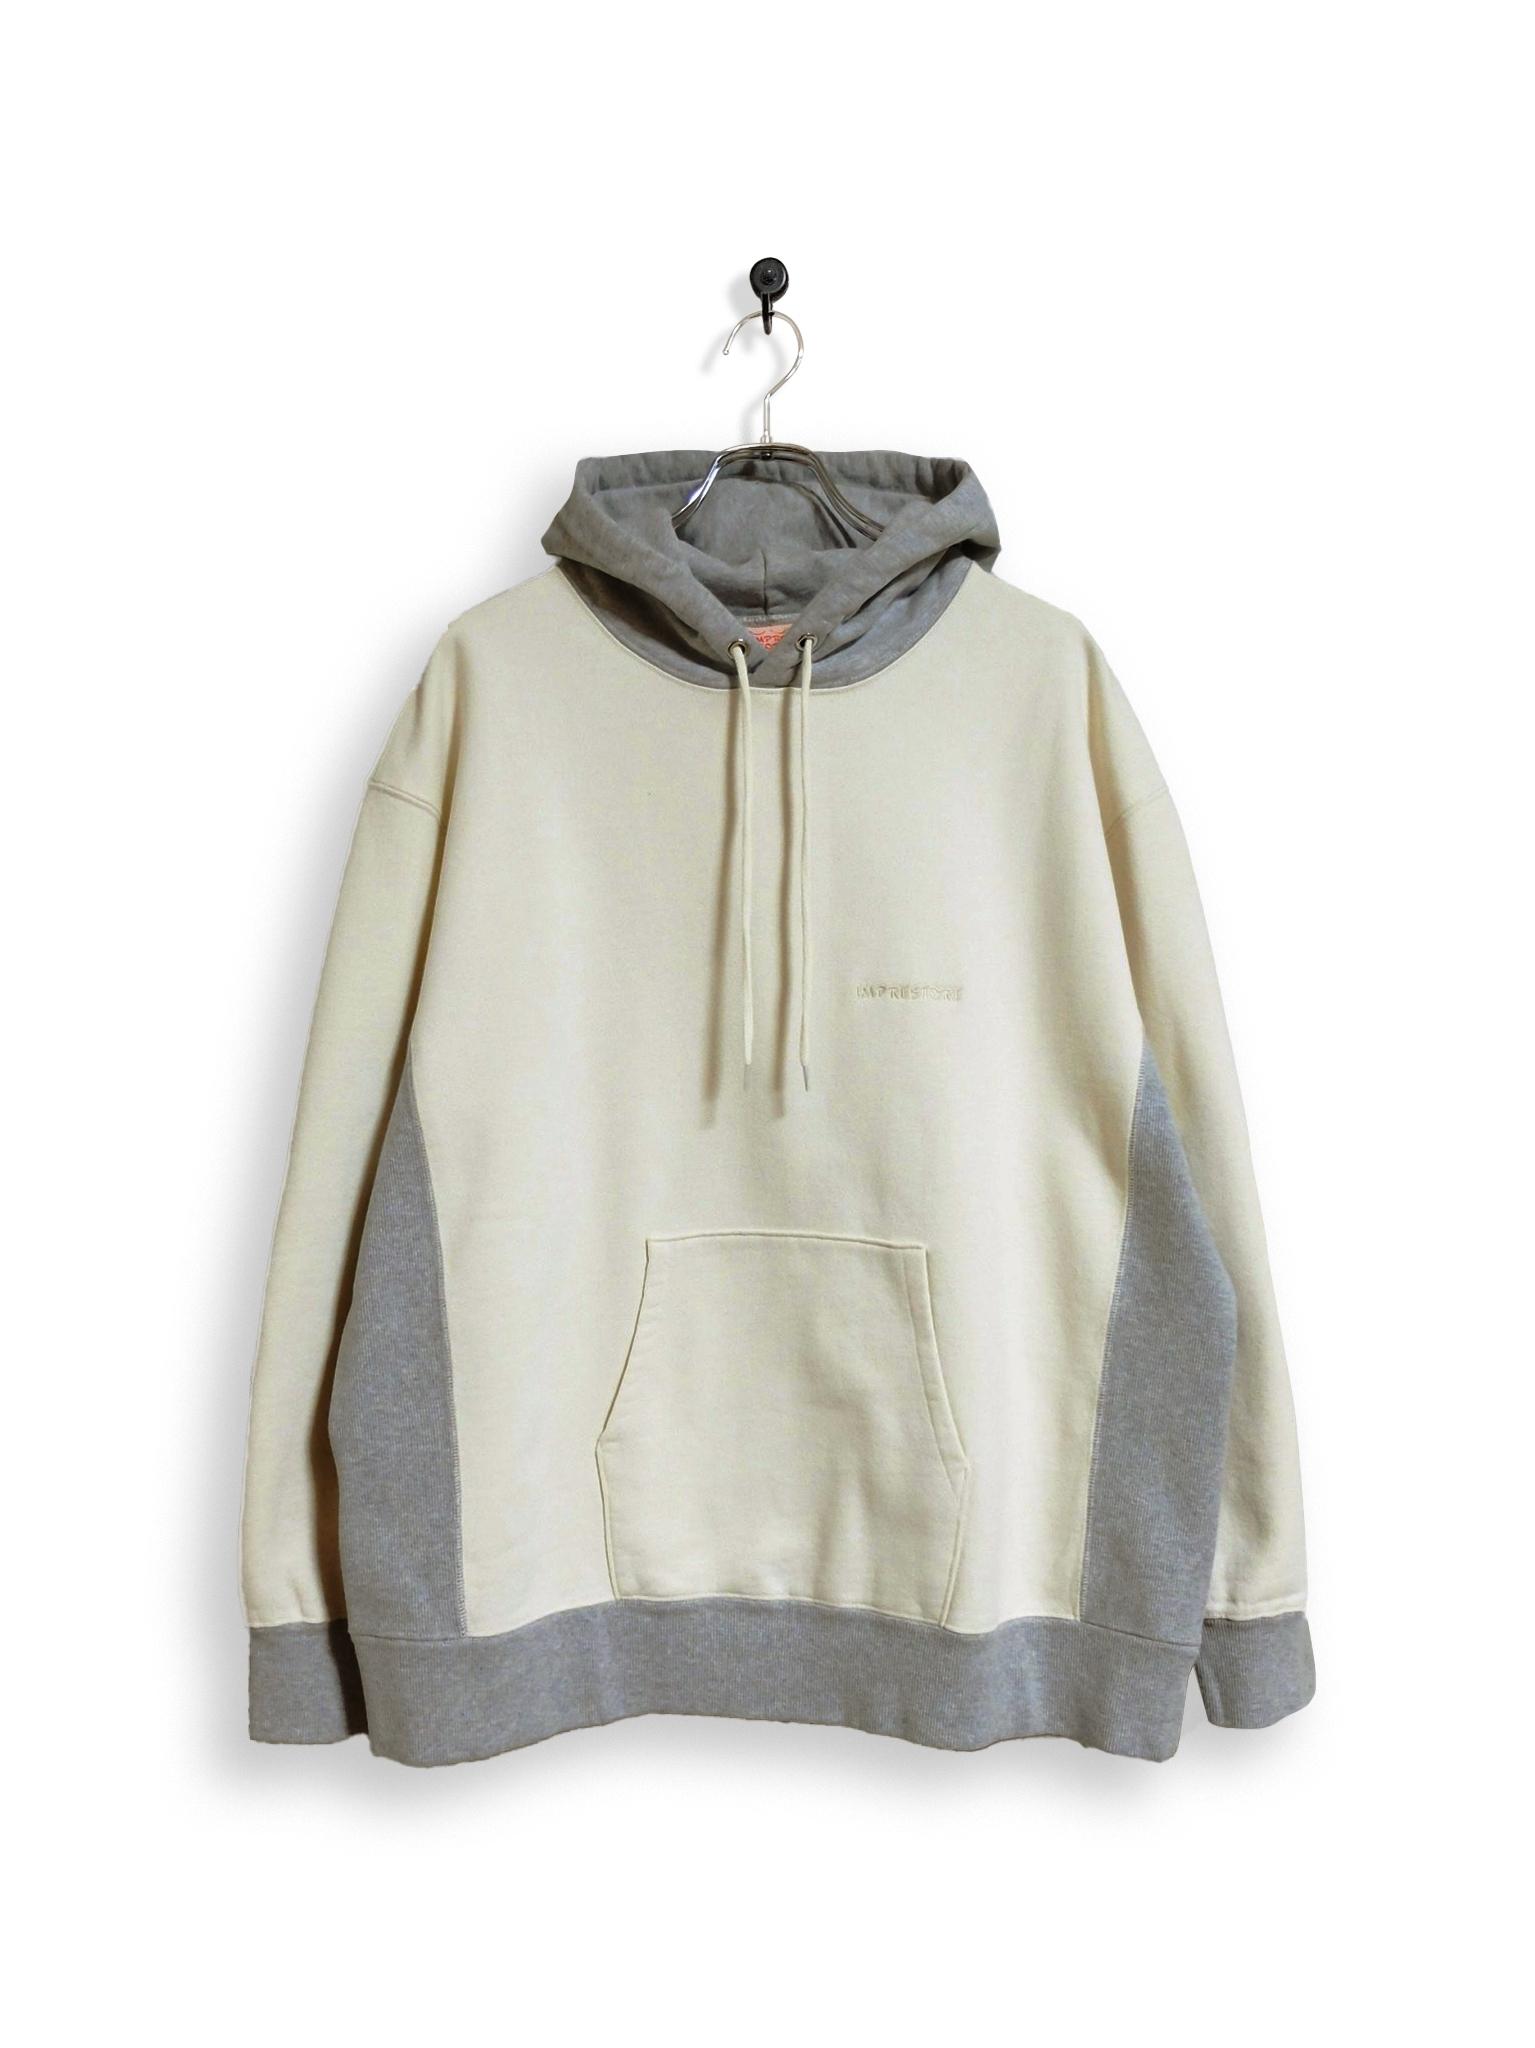 Original Hooded Sweatshirt / 2tone / white × gray